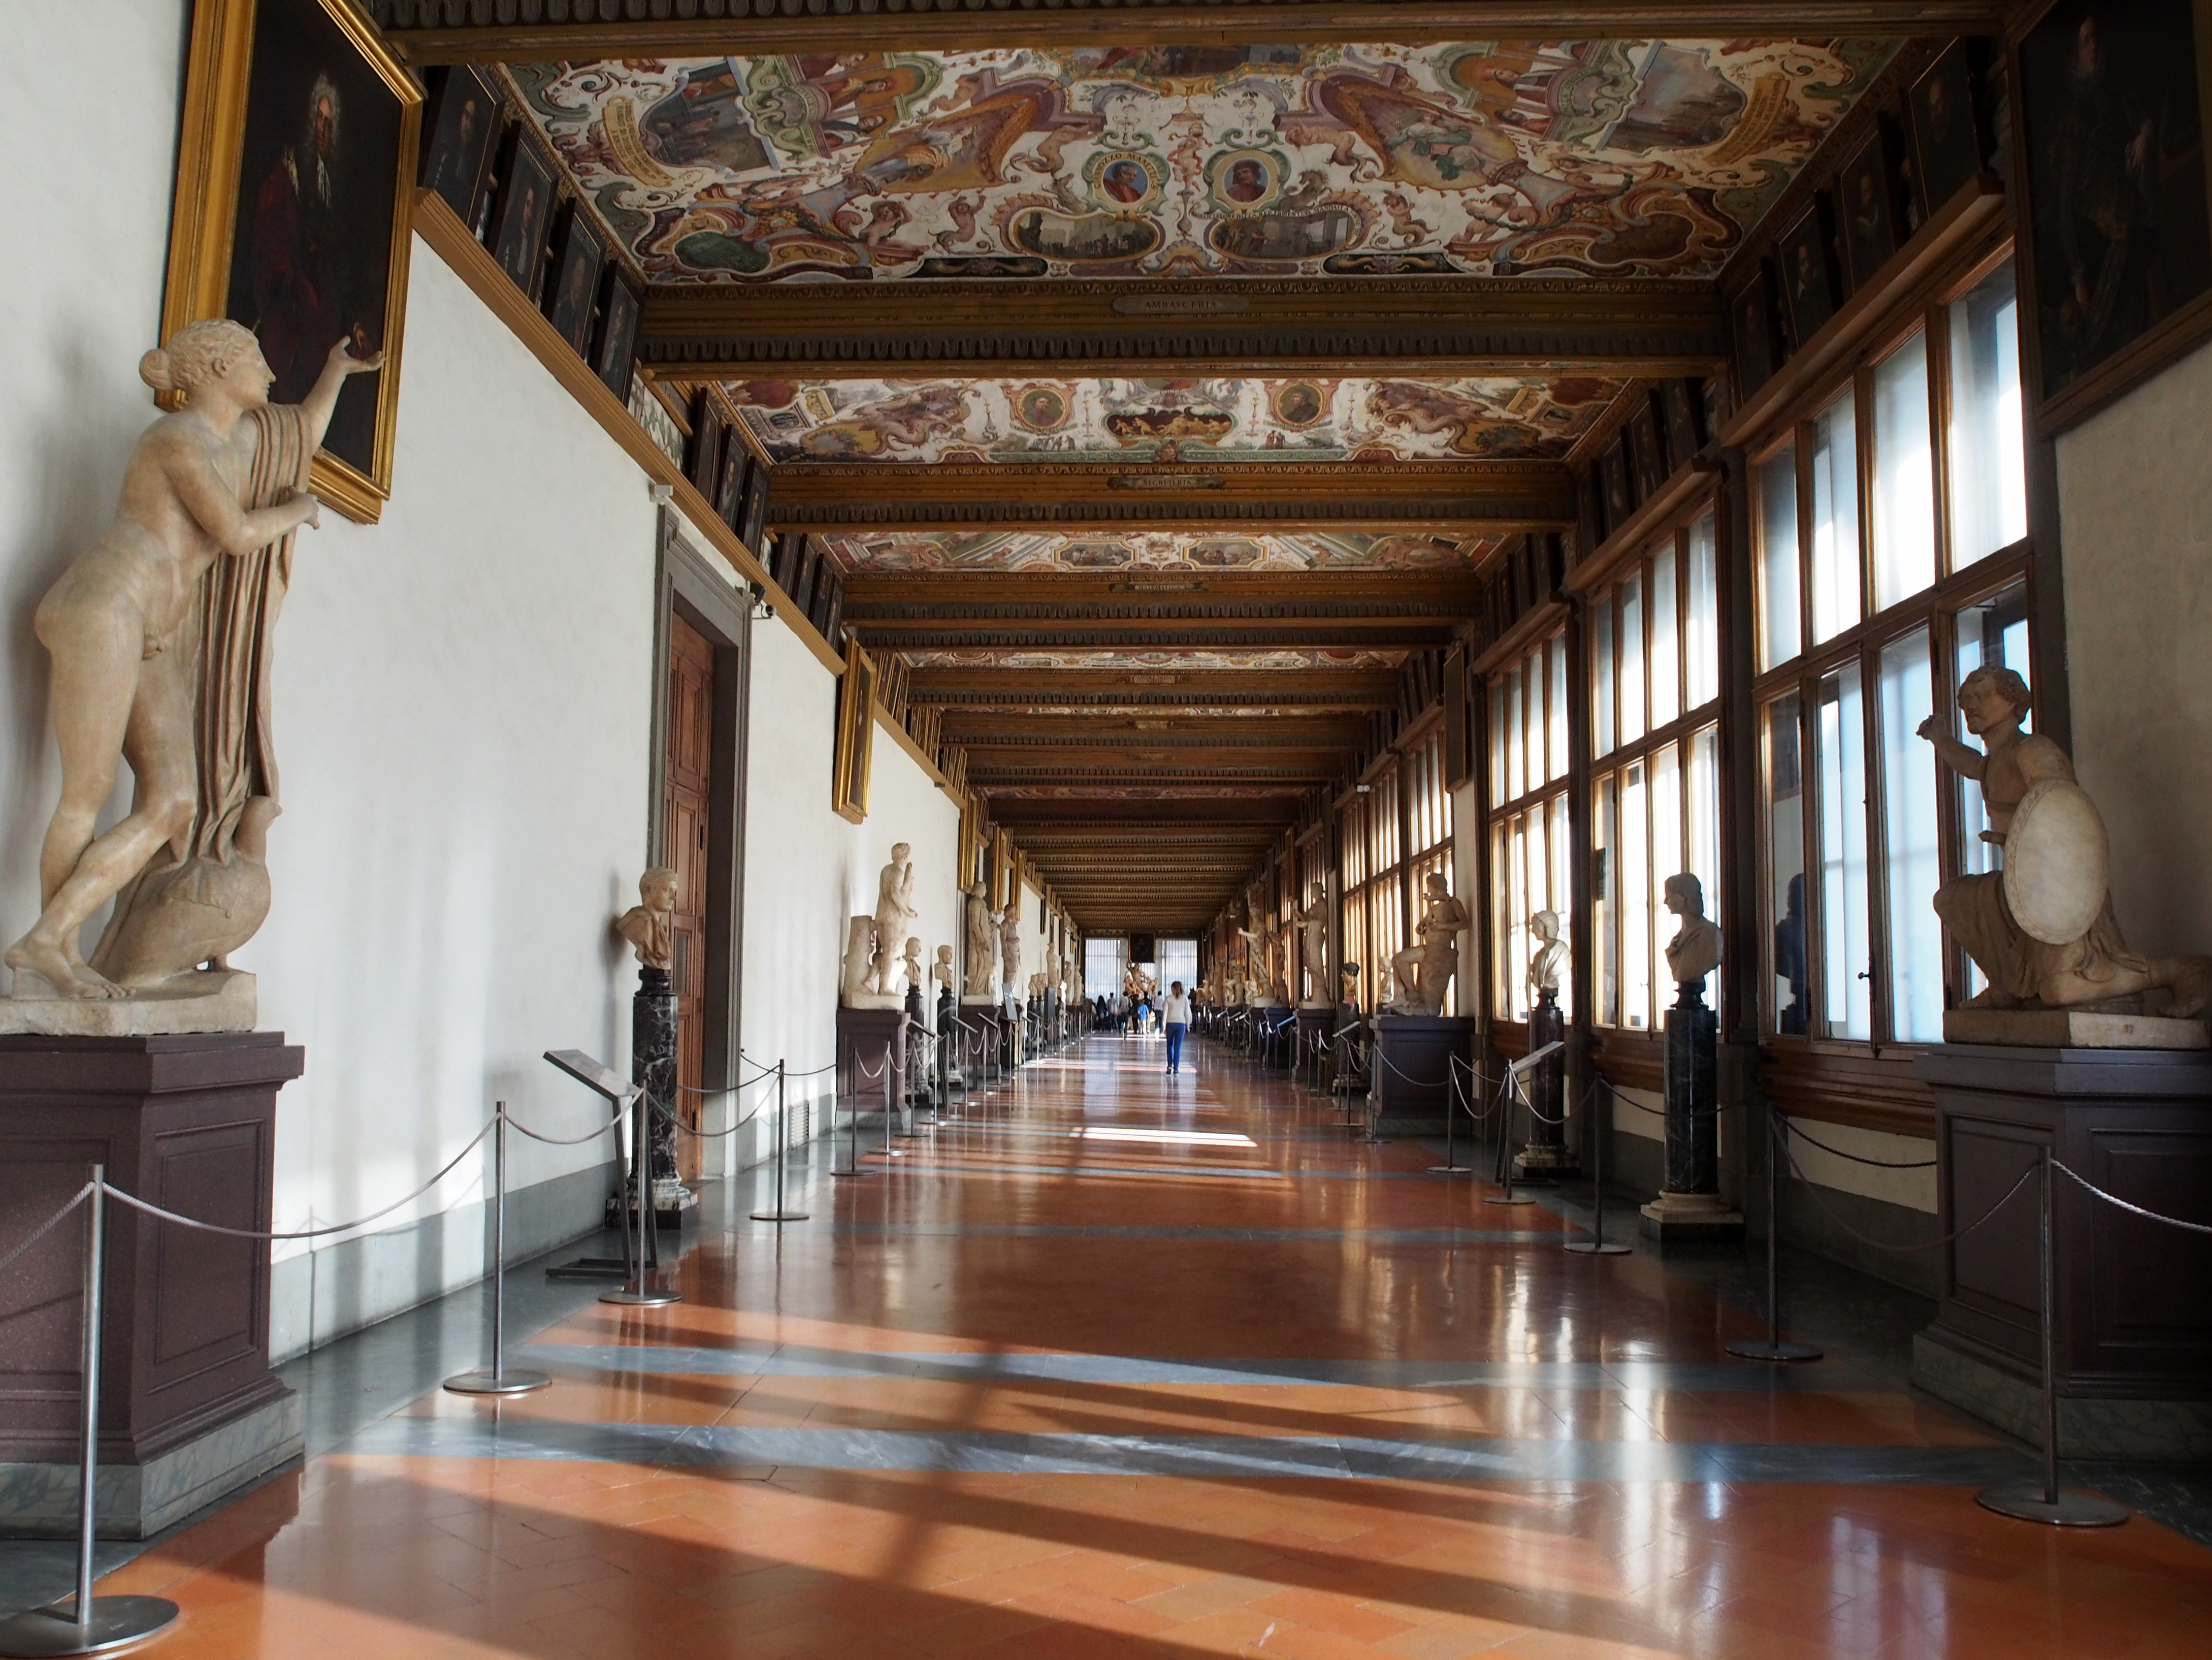 File:Uffizi Gallery hallway.JPG - Wikimedia Commons